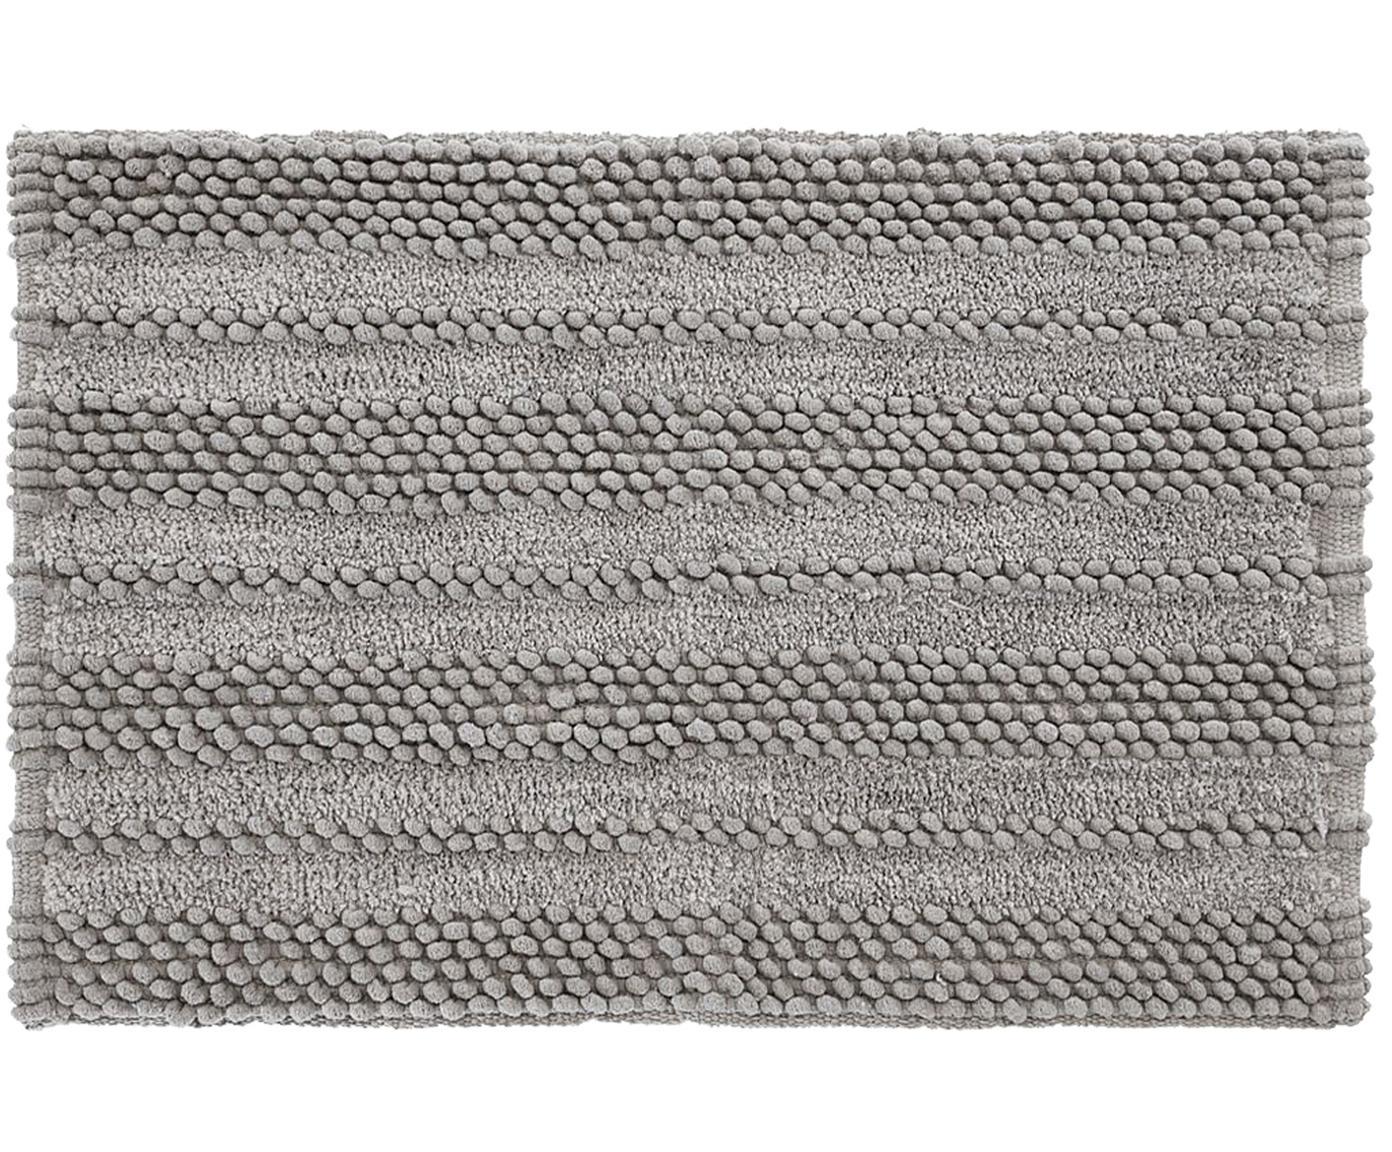 Badmat Nea in lichtgrijs met hoog-laag-structuur, 65% chenille, 35% katoen, Grijs, 80 x 120 cm